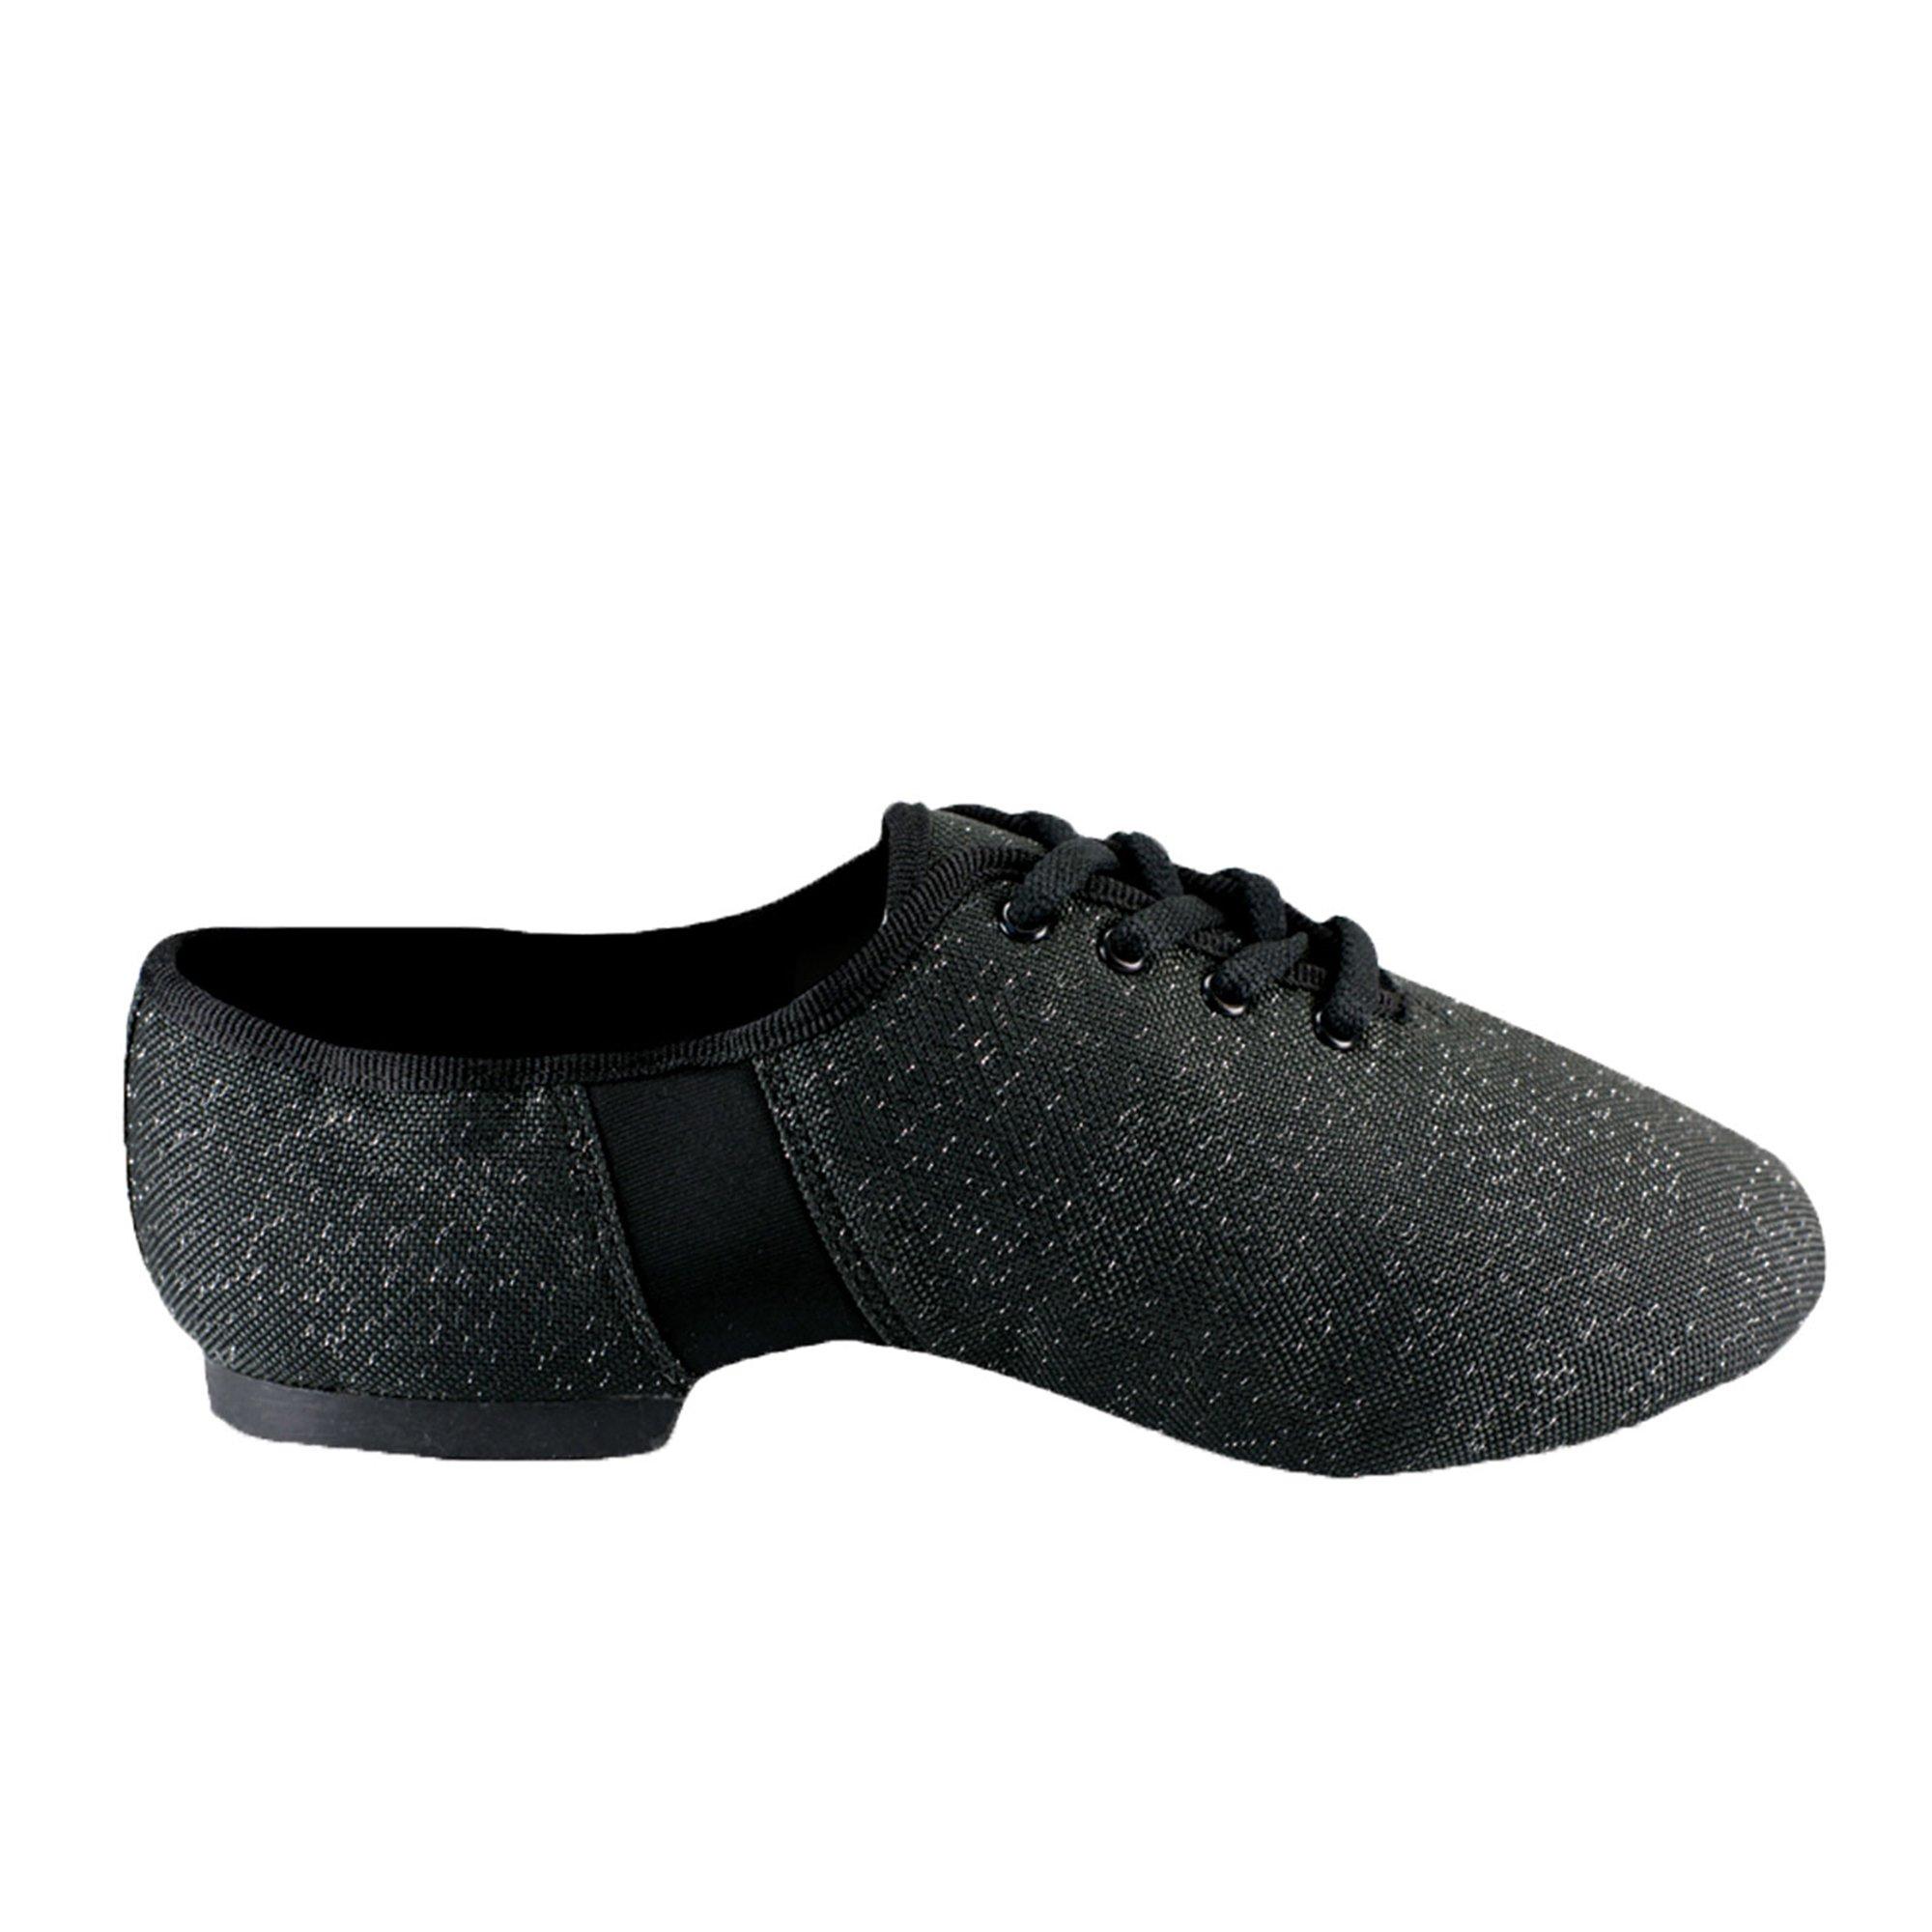 Sansha Adult Torino Jazz Shoe